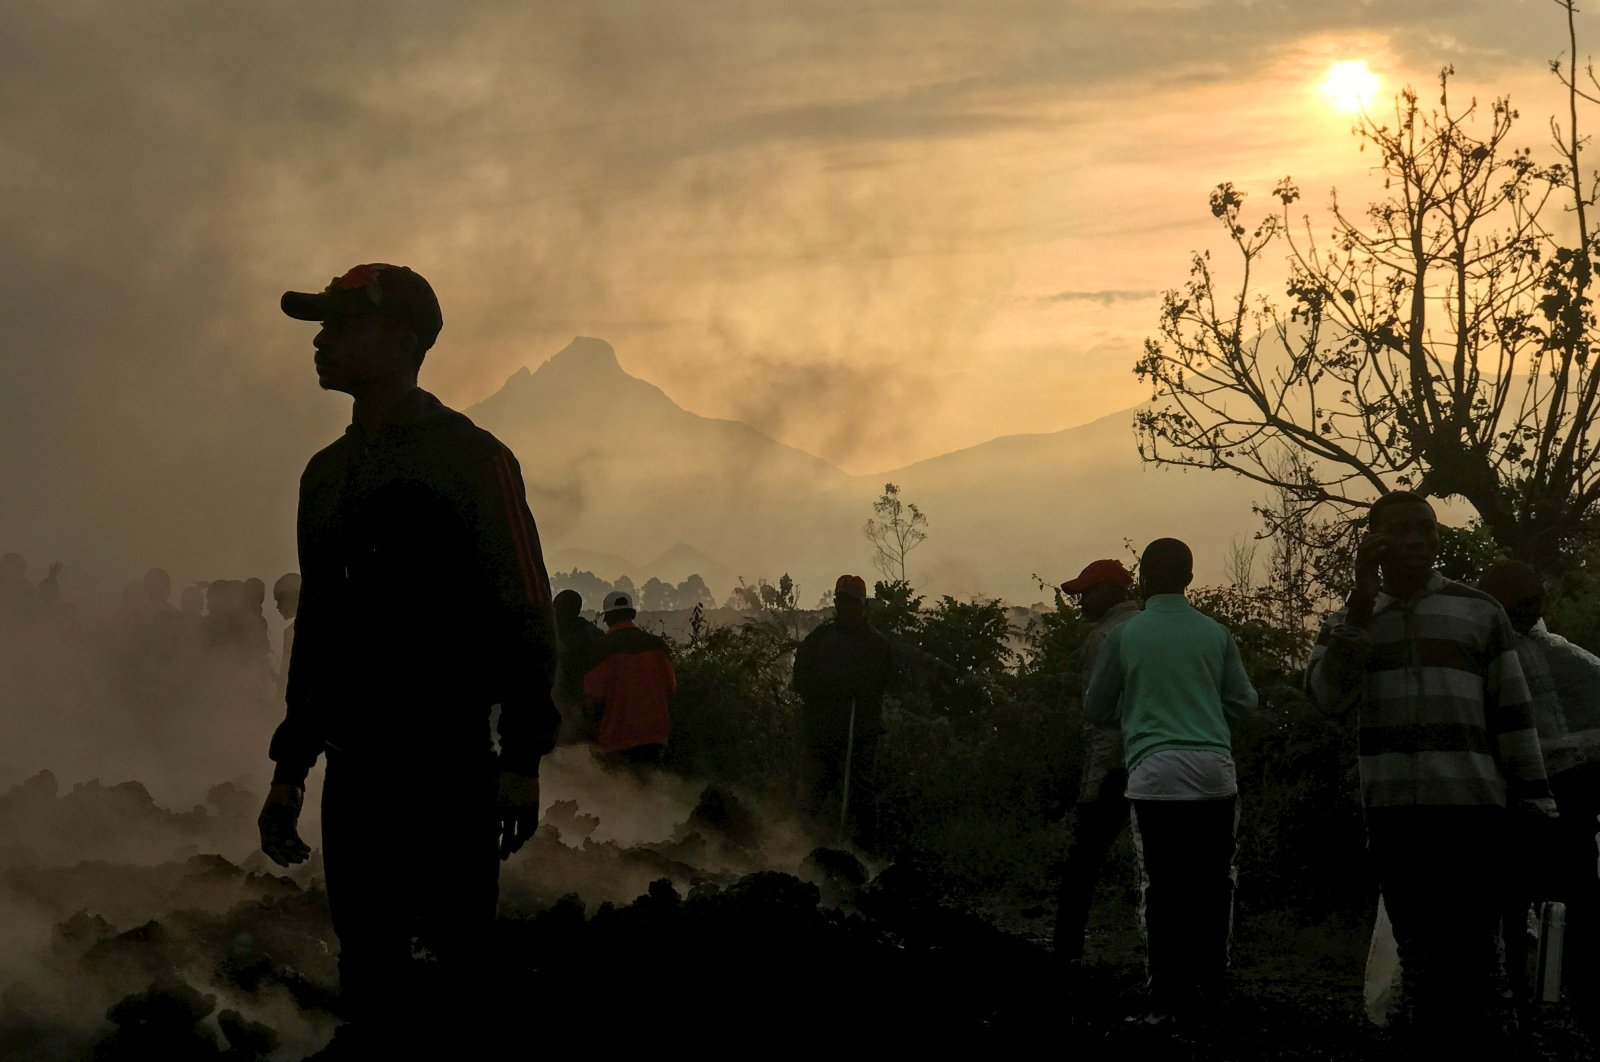 DR Congo volcano Nyiragongo sparks health fears over ash